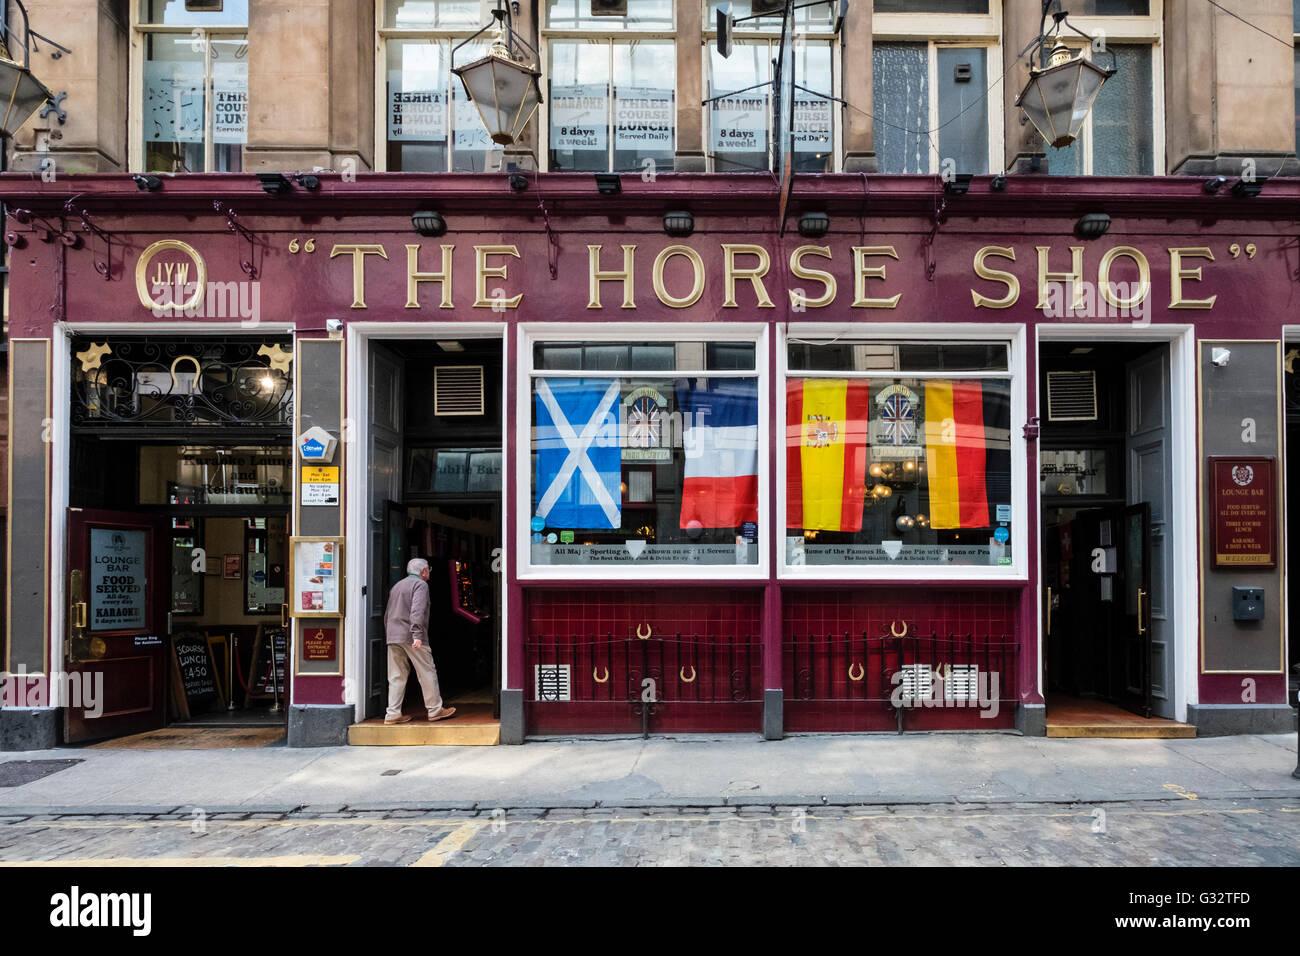 L'extérieur du célèbre Horseshoe Bar à Glasgow, Ecosse, Royaume-Uni Banque D'Images